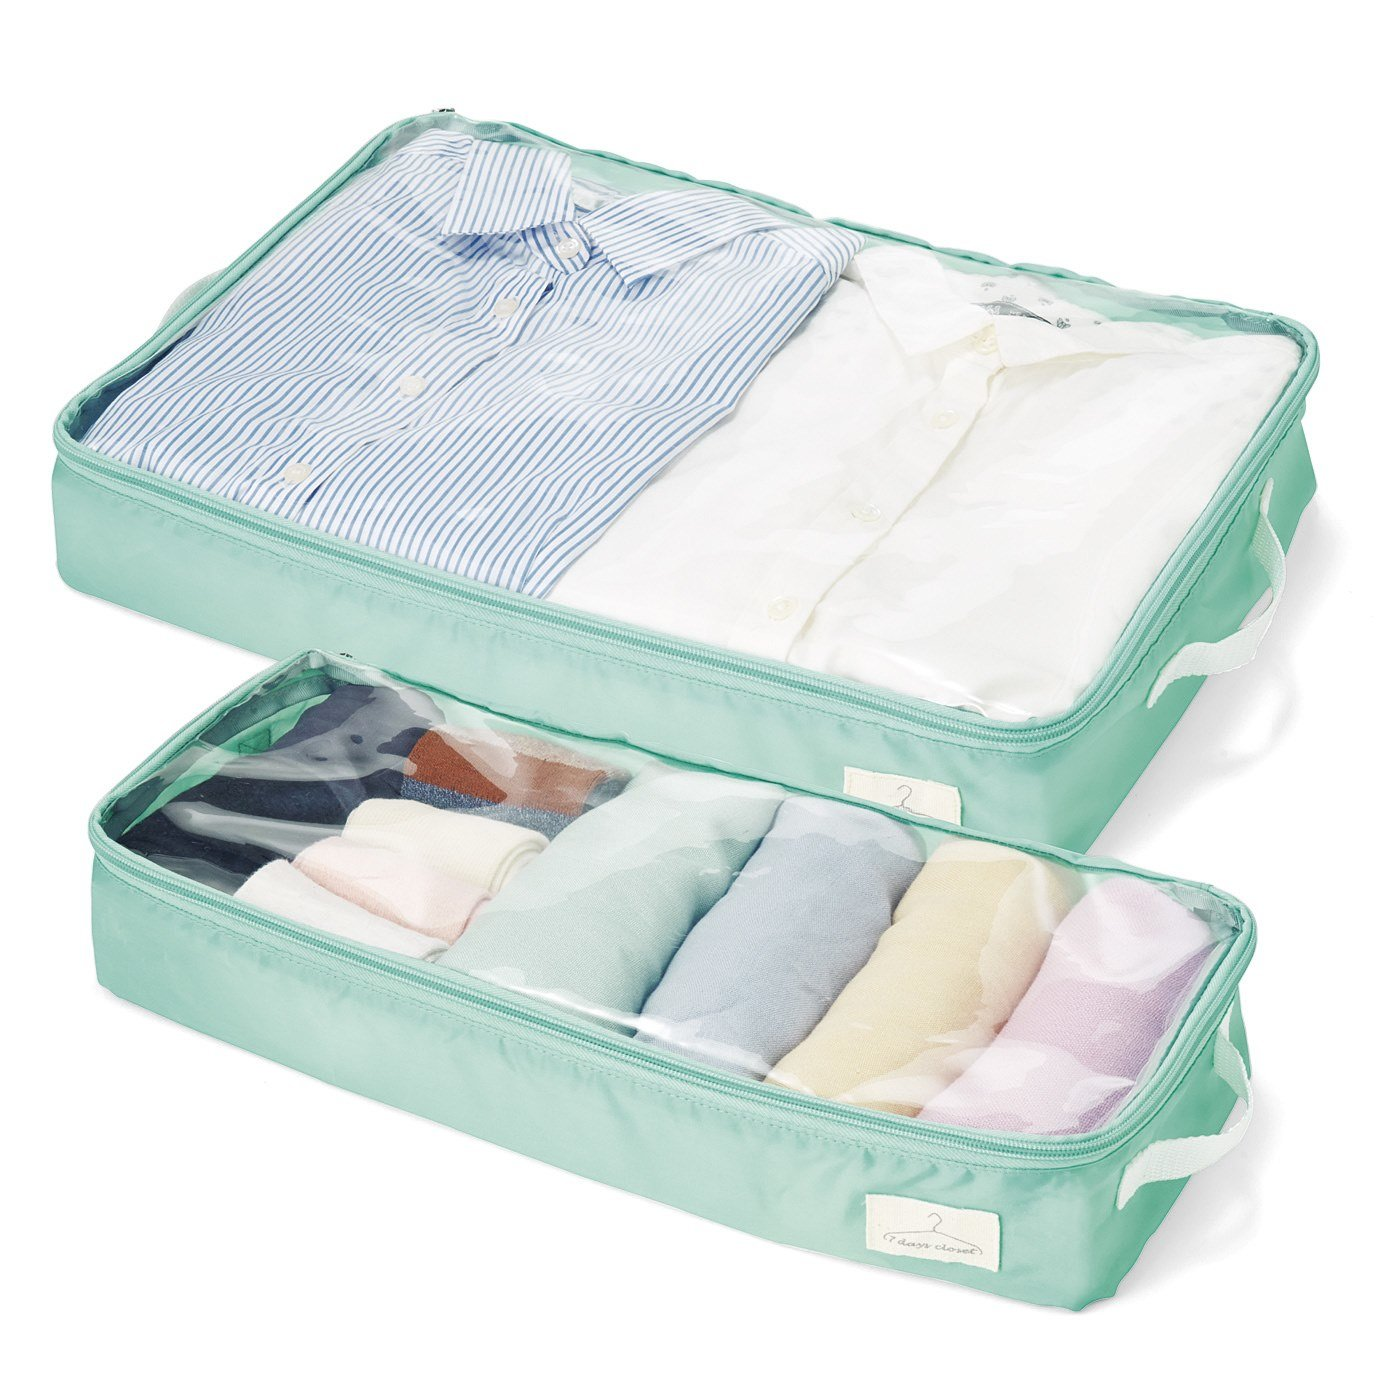 服や小物をすっきり収納&保管できるインナーケースセット〈大・小〉の会